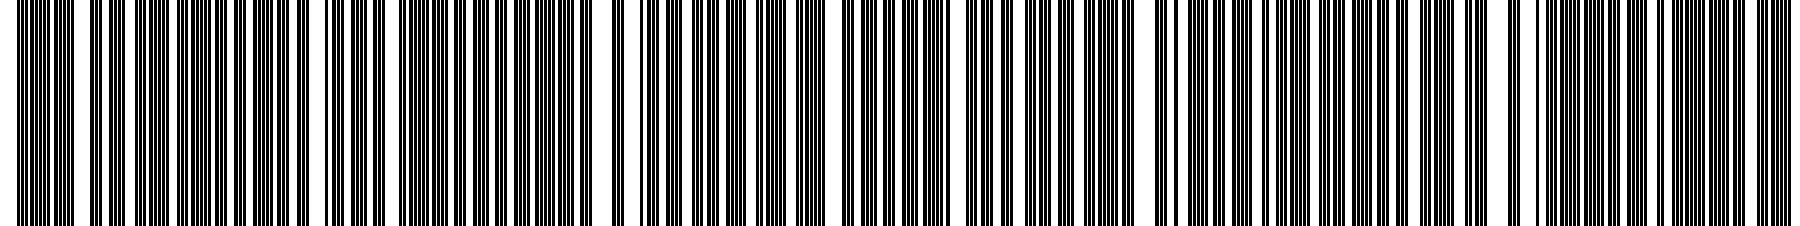 File:Lphabeta barcode.png.